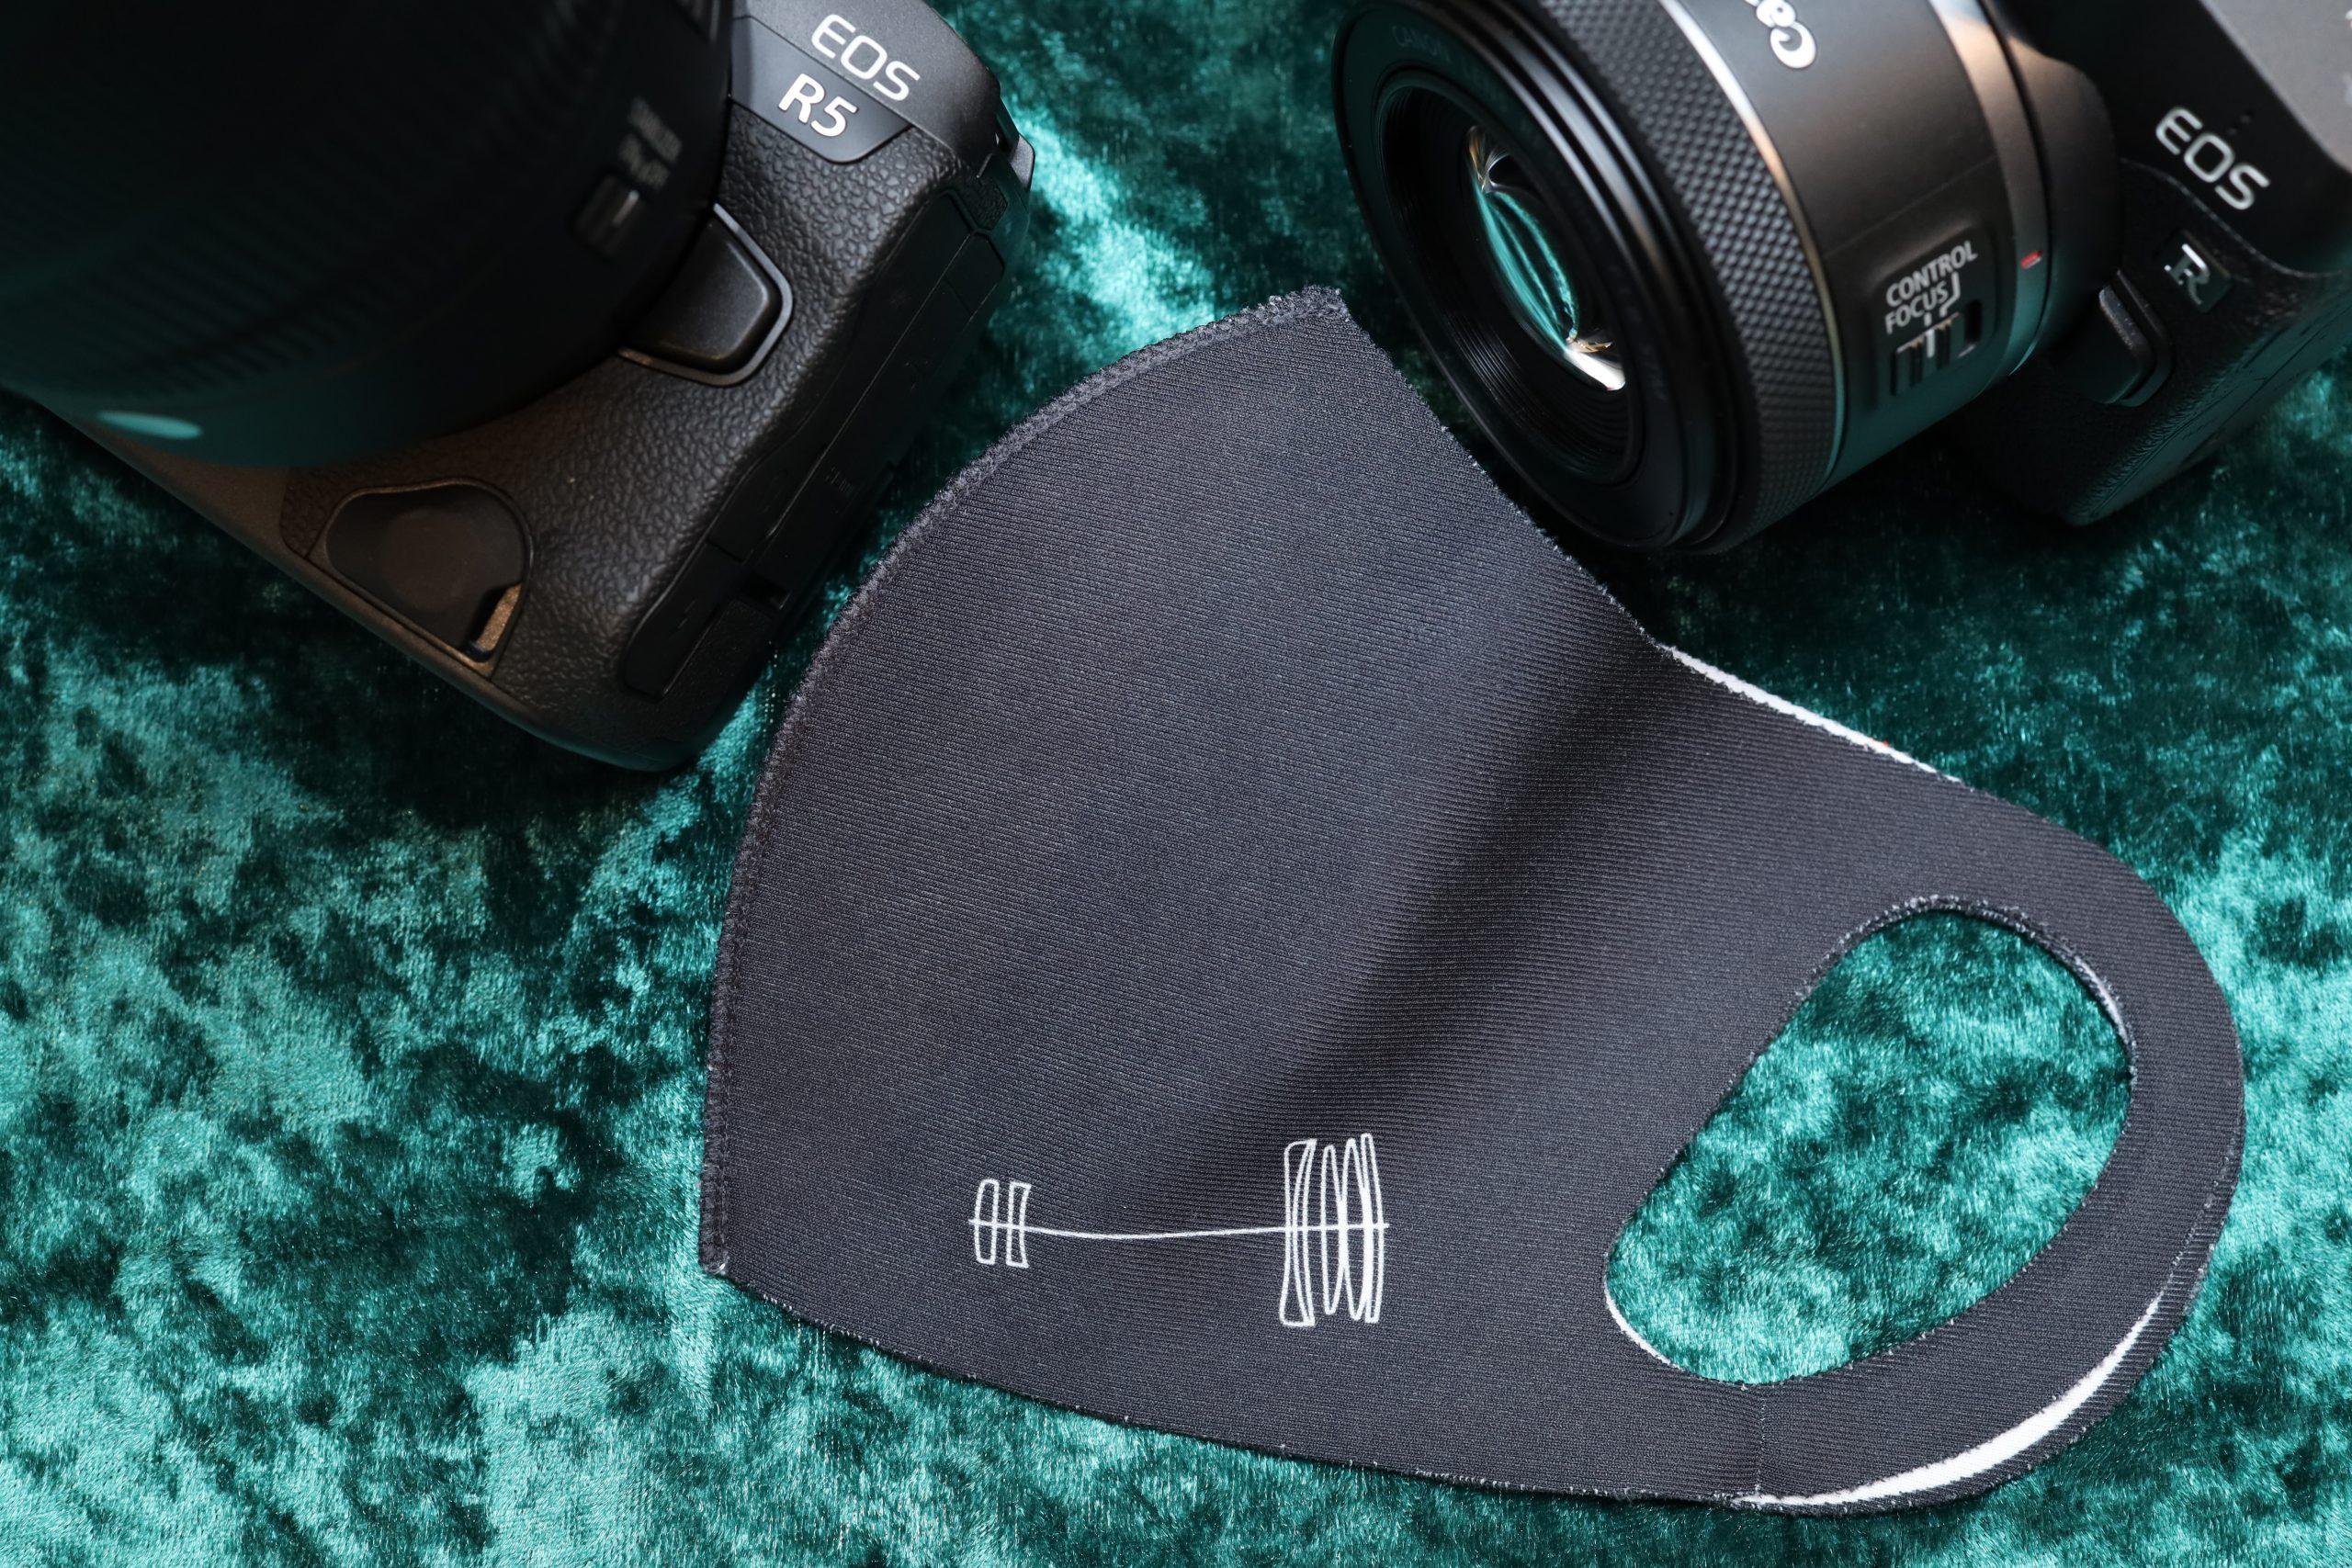 【Canon】オリジナルマスクプレゼント!